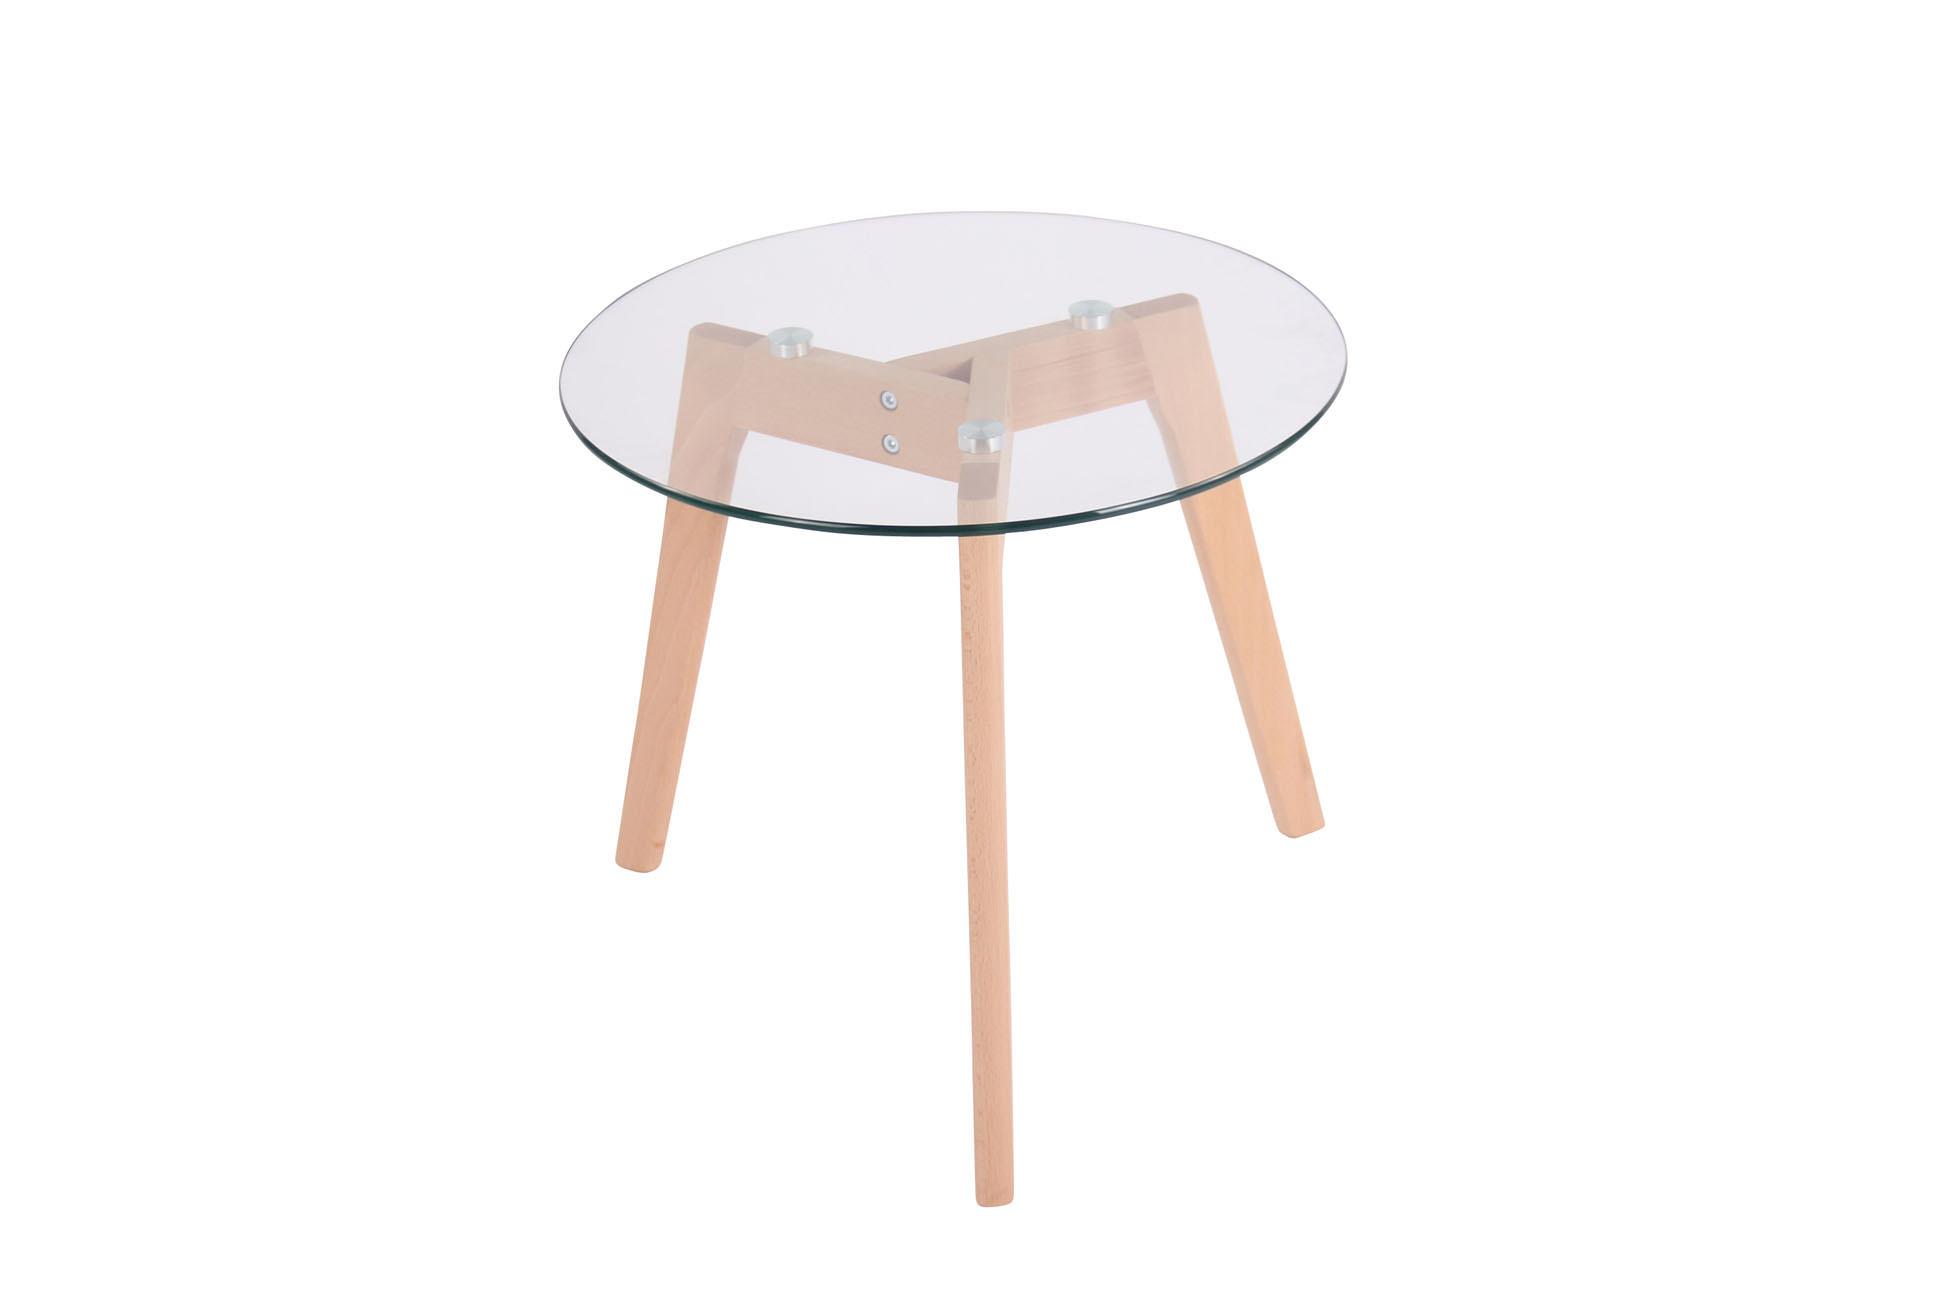 Glastisch Motala klarglas Skandi Tisch Beistelltisch Couchtisch Blumentisch